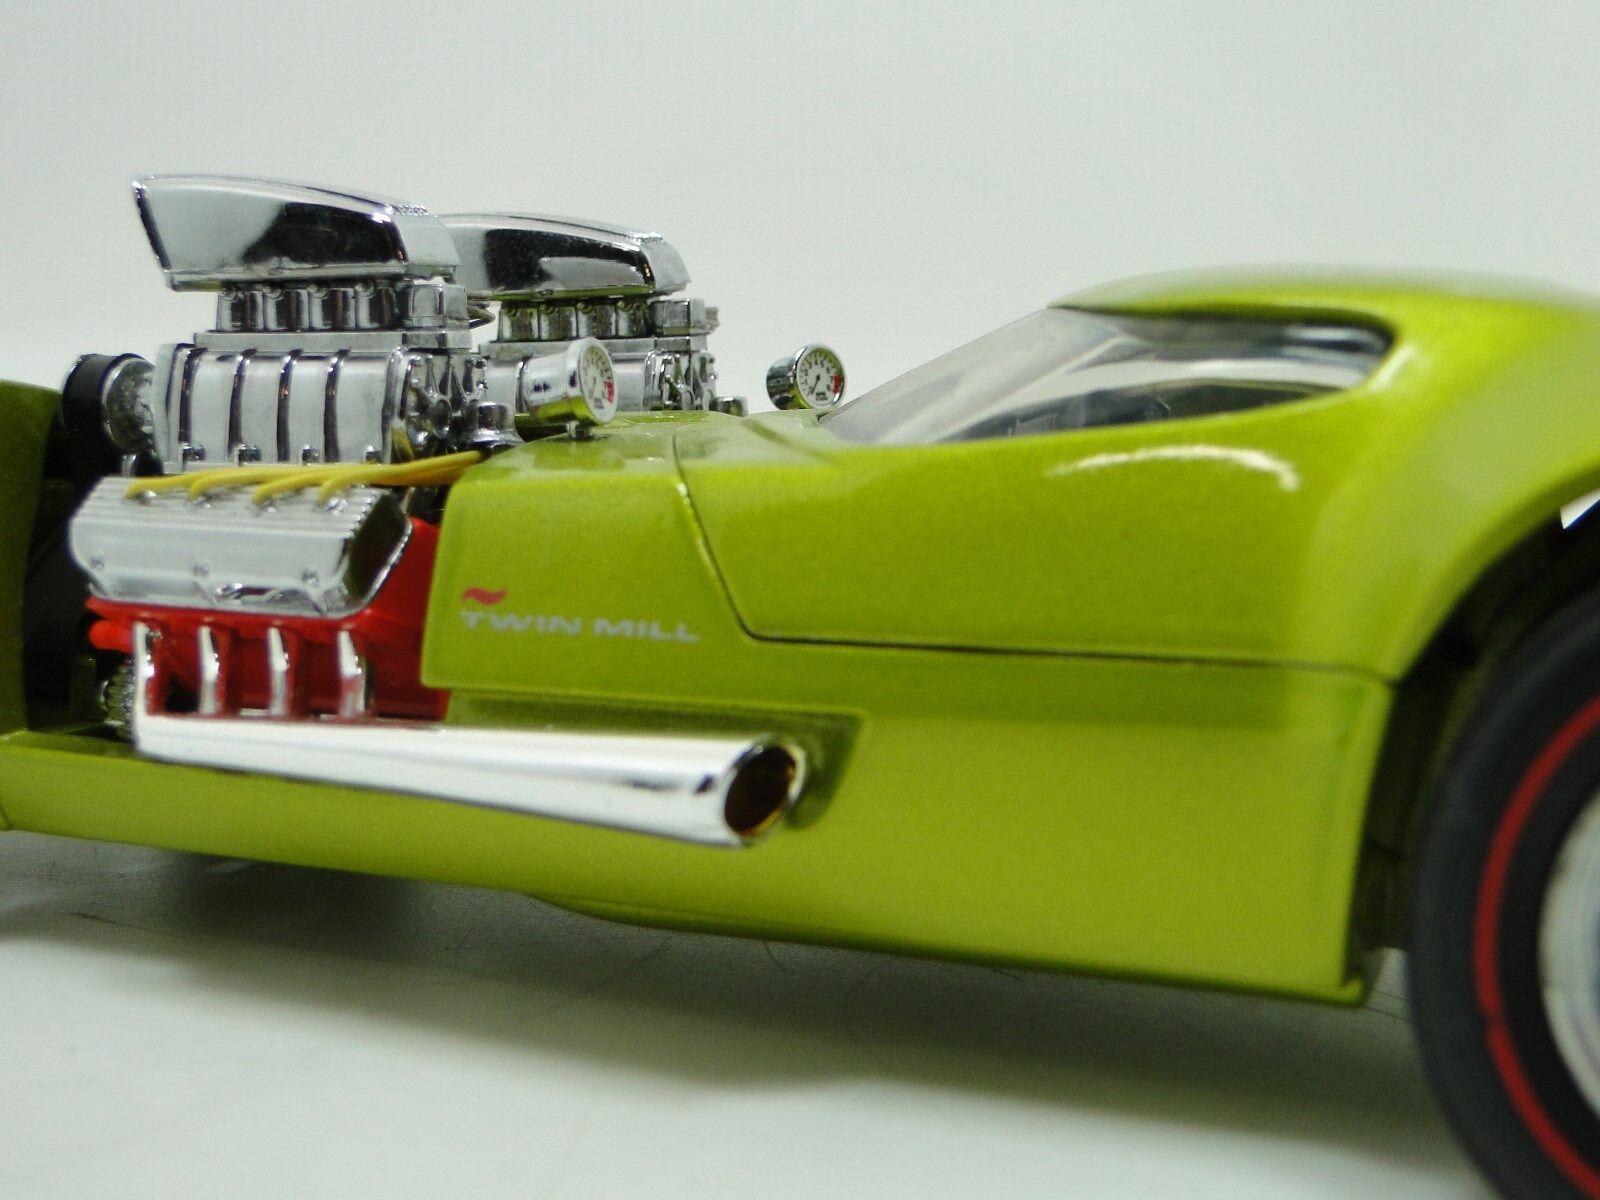 perfecto 1960s concepto Personalizado Personalizado Personalizado Hot Rod Race Coche Raro Ruedas Sport 1 24 Cocherusel verde 18  Ven a elegir tu propio estilo deportivo.